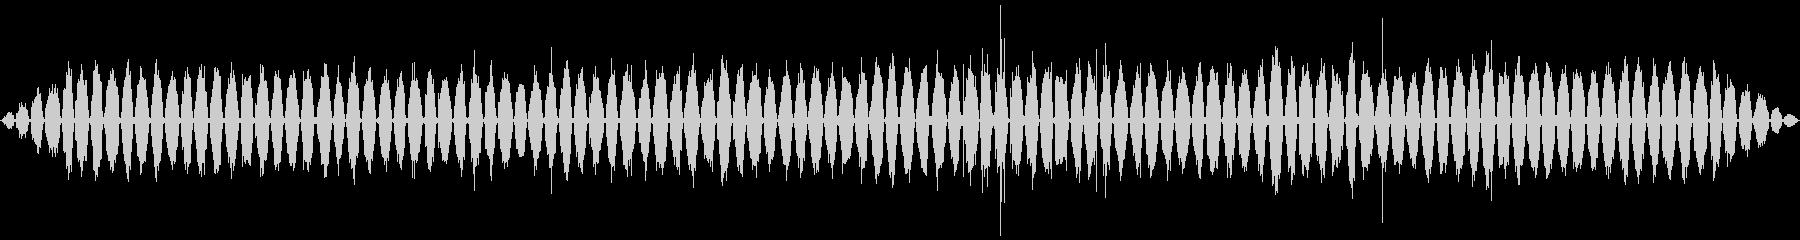 ハンド:スローラフサンディング、建...の未再生の波形